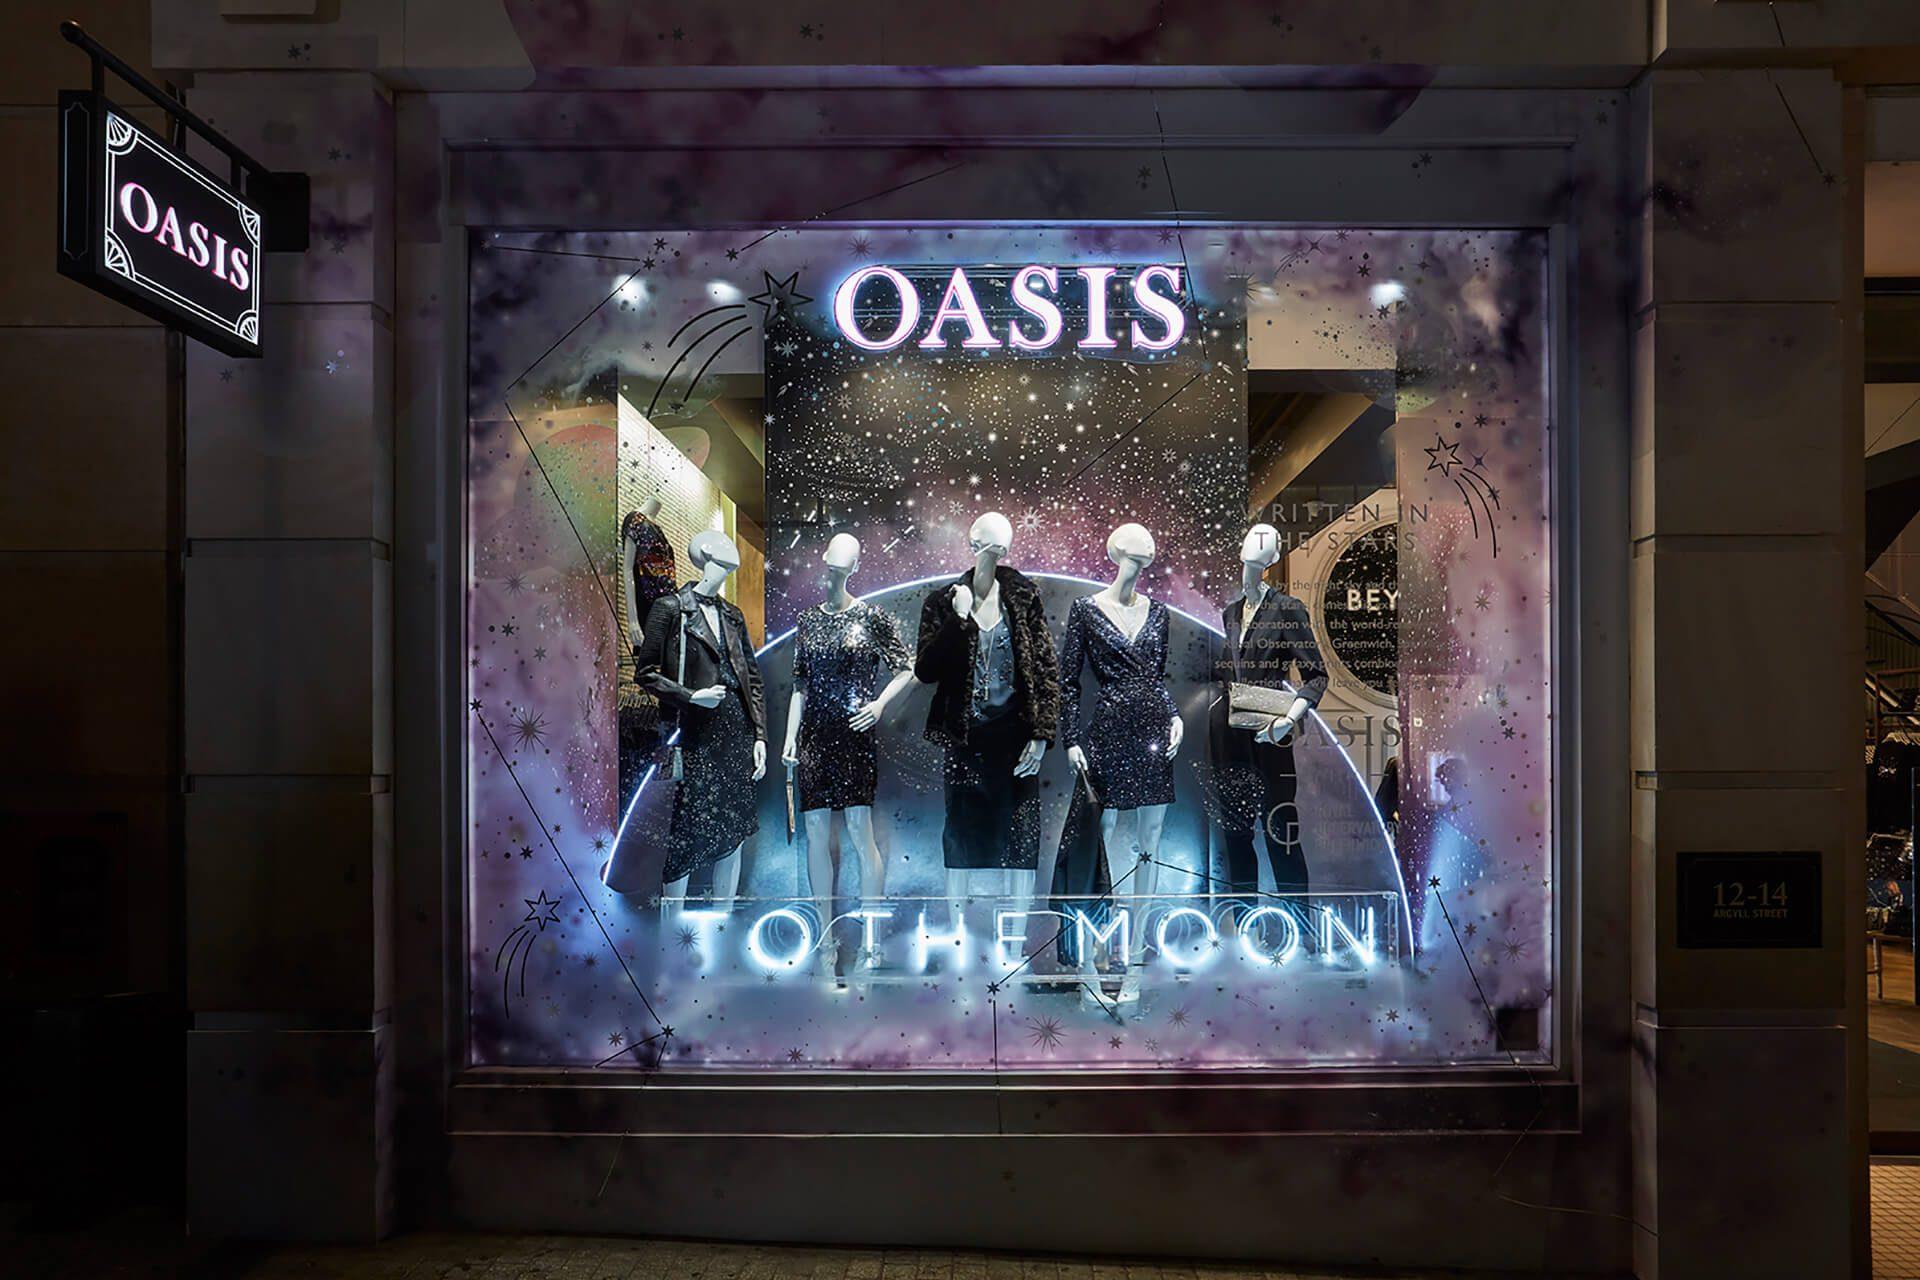 Oasis – Hello Flamingo, Moons, Neon, London, visual merchandising, window display